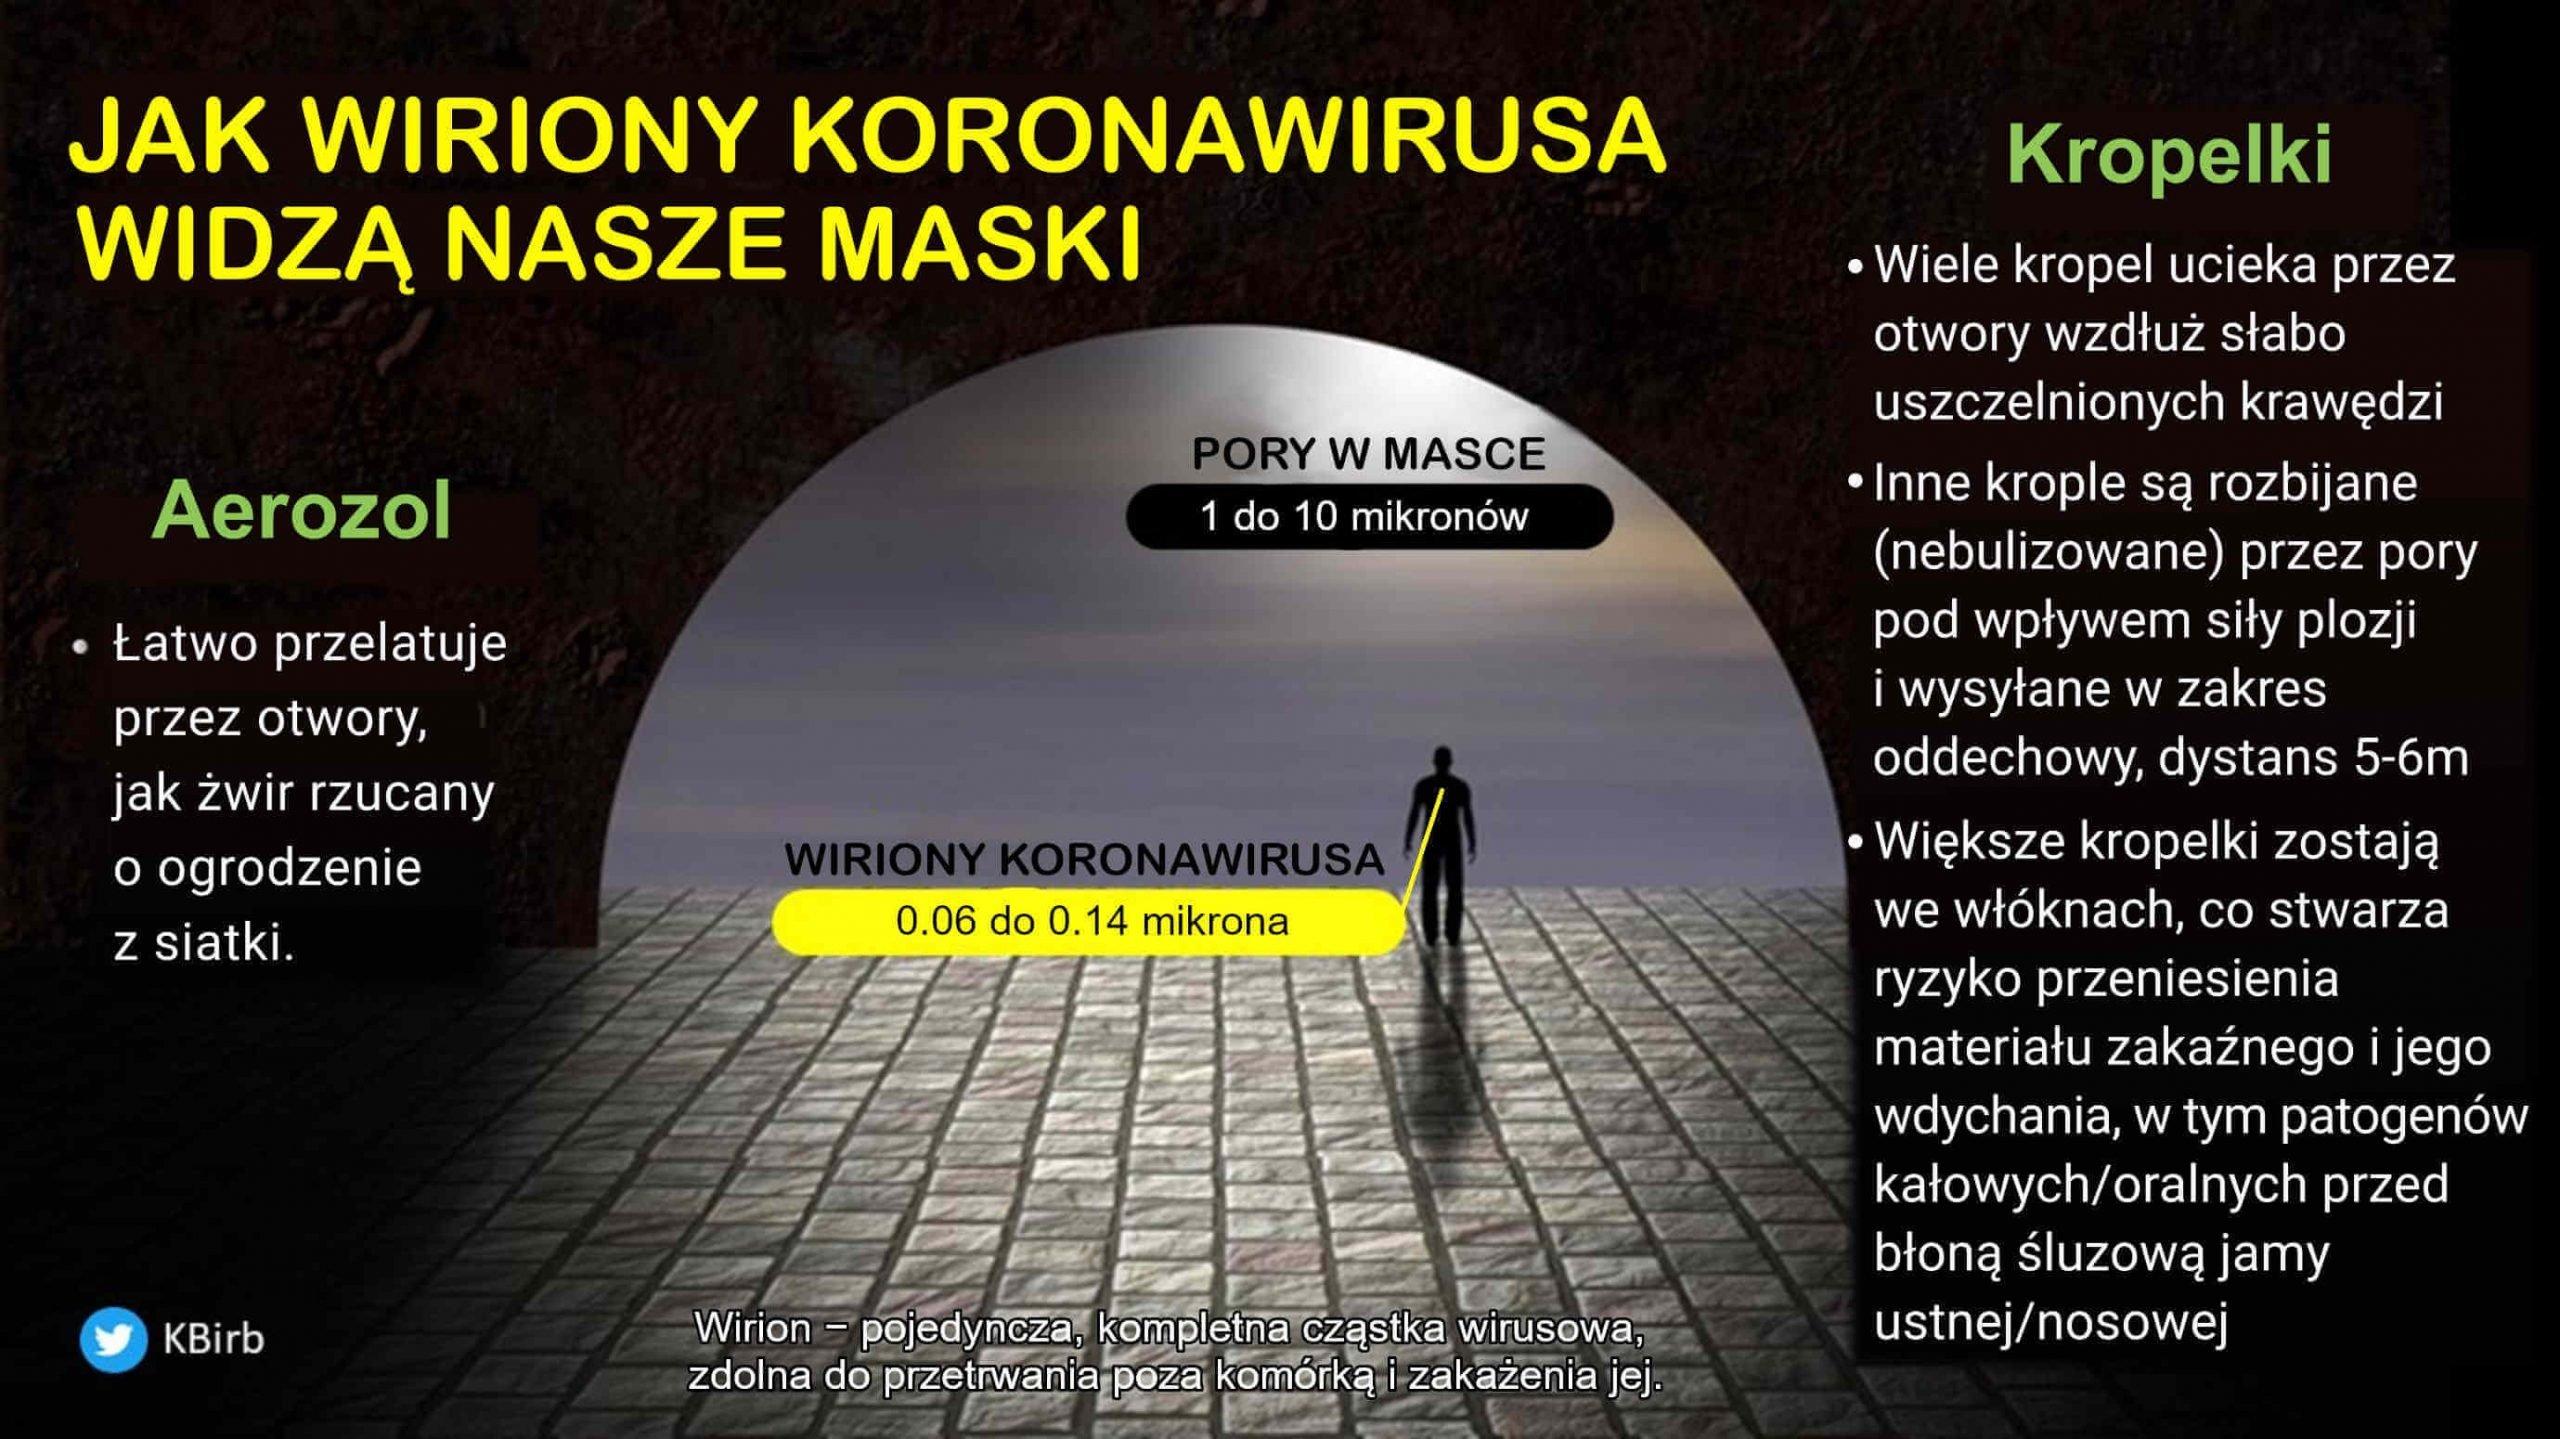 Jak wiriony koronawirusa widza nasze maski